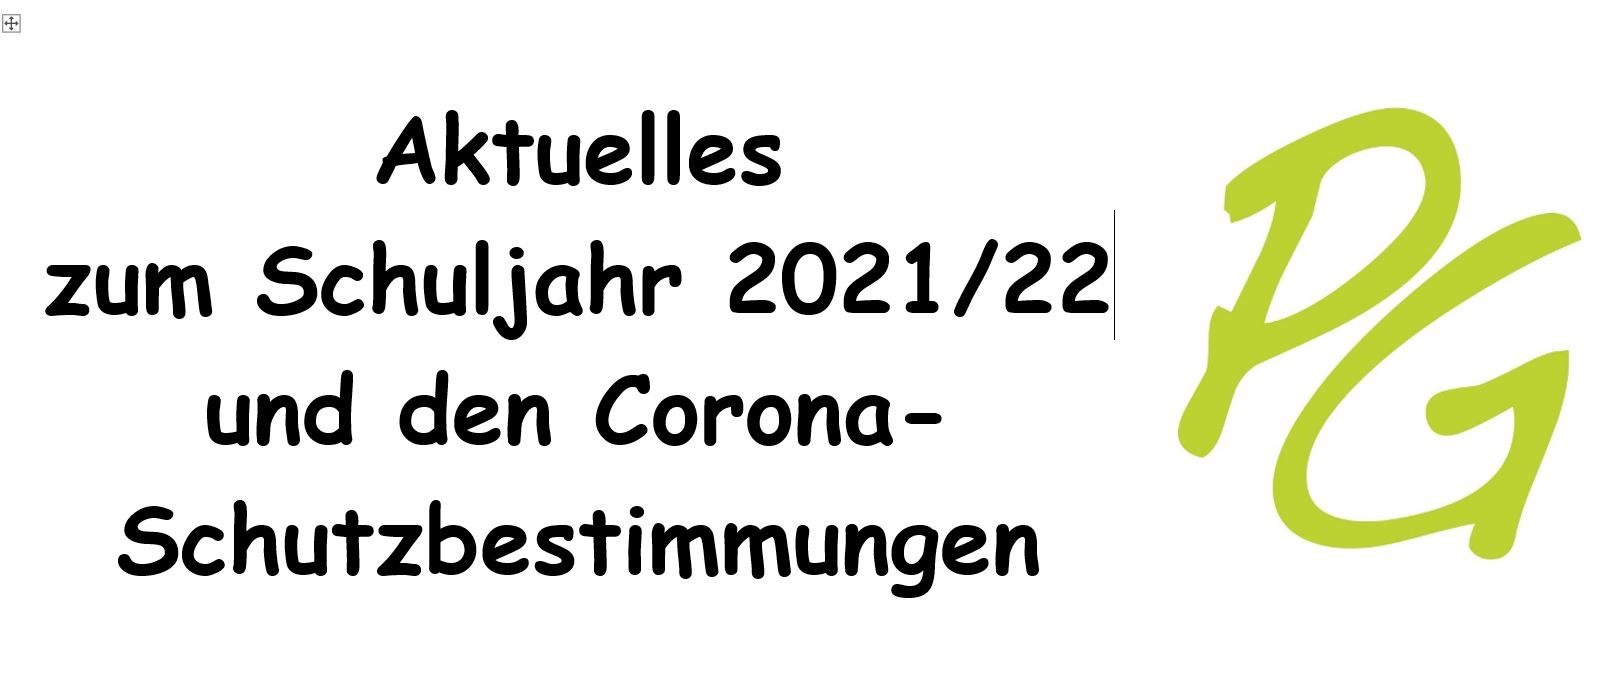 Aktuelle Schuljahr 2021 22 Am PG Unter Corona Schutzbestimmungen